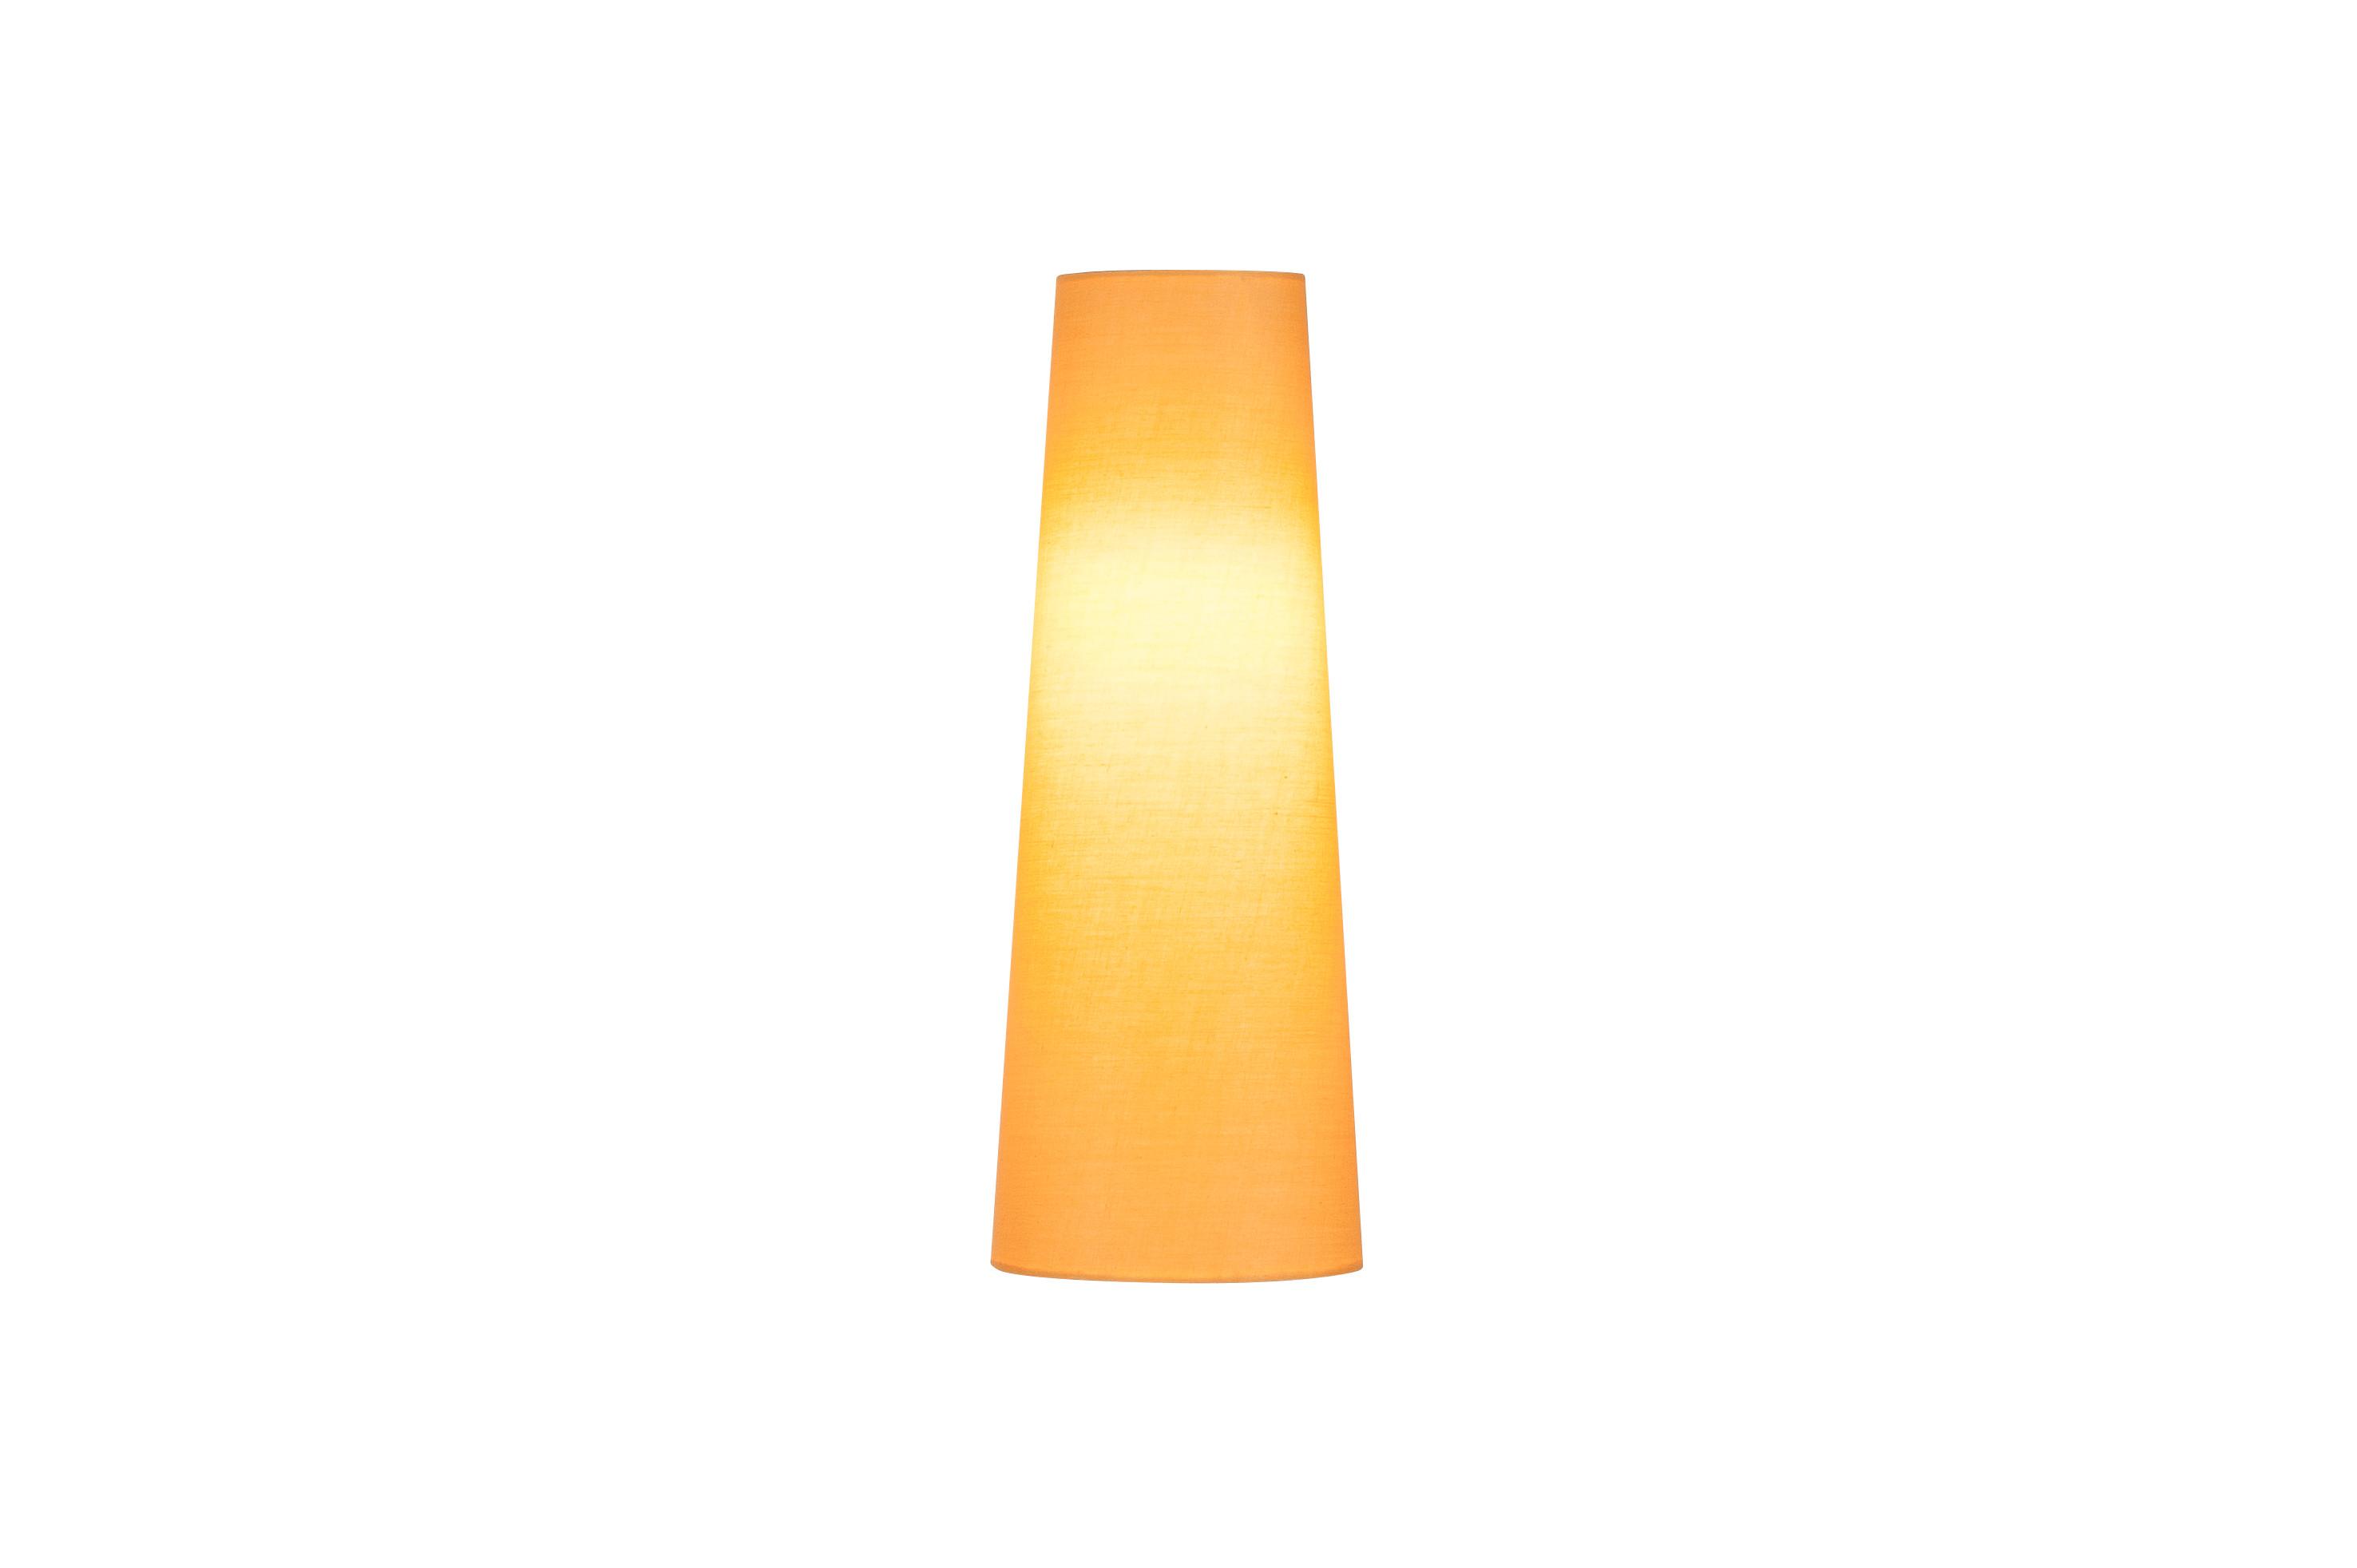 1 Stk FENDA, Leuchtenschirm, konisch, gelb, Ø/H 15/40 cm LI156204--